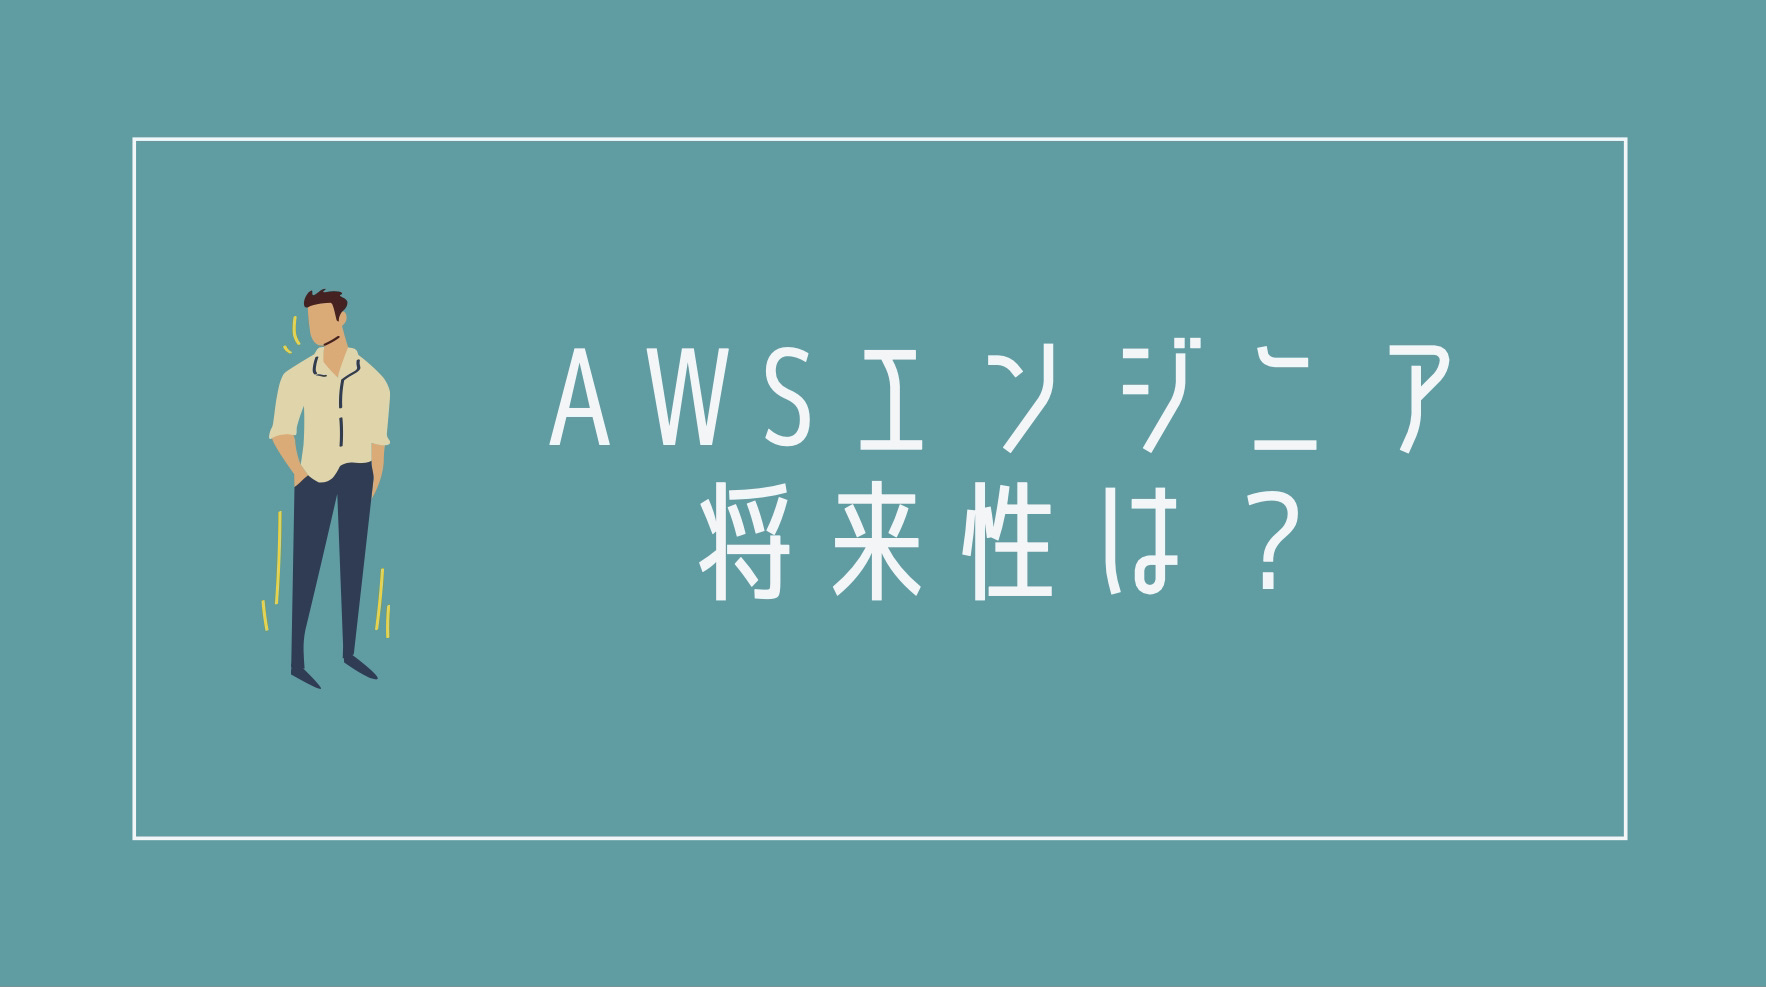 AWSエンジニア将来性